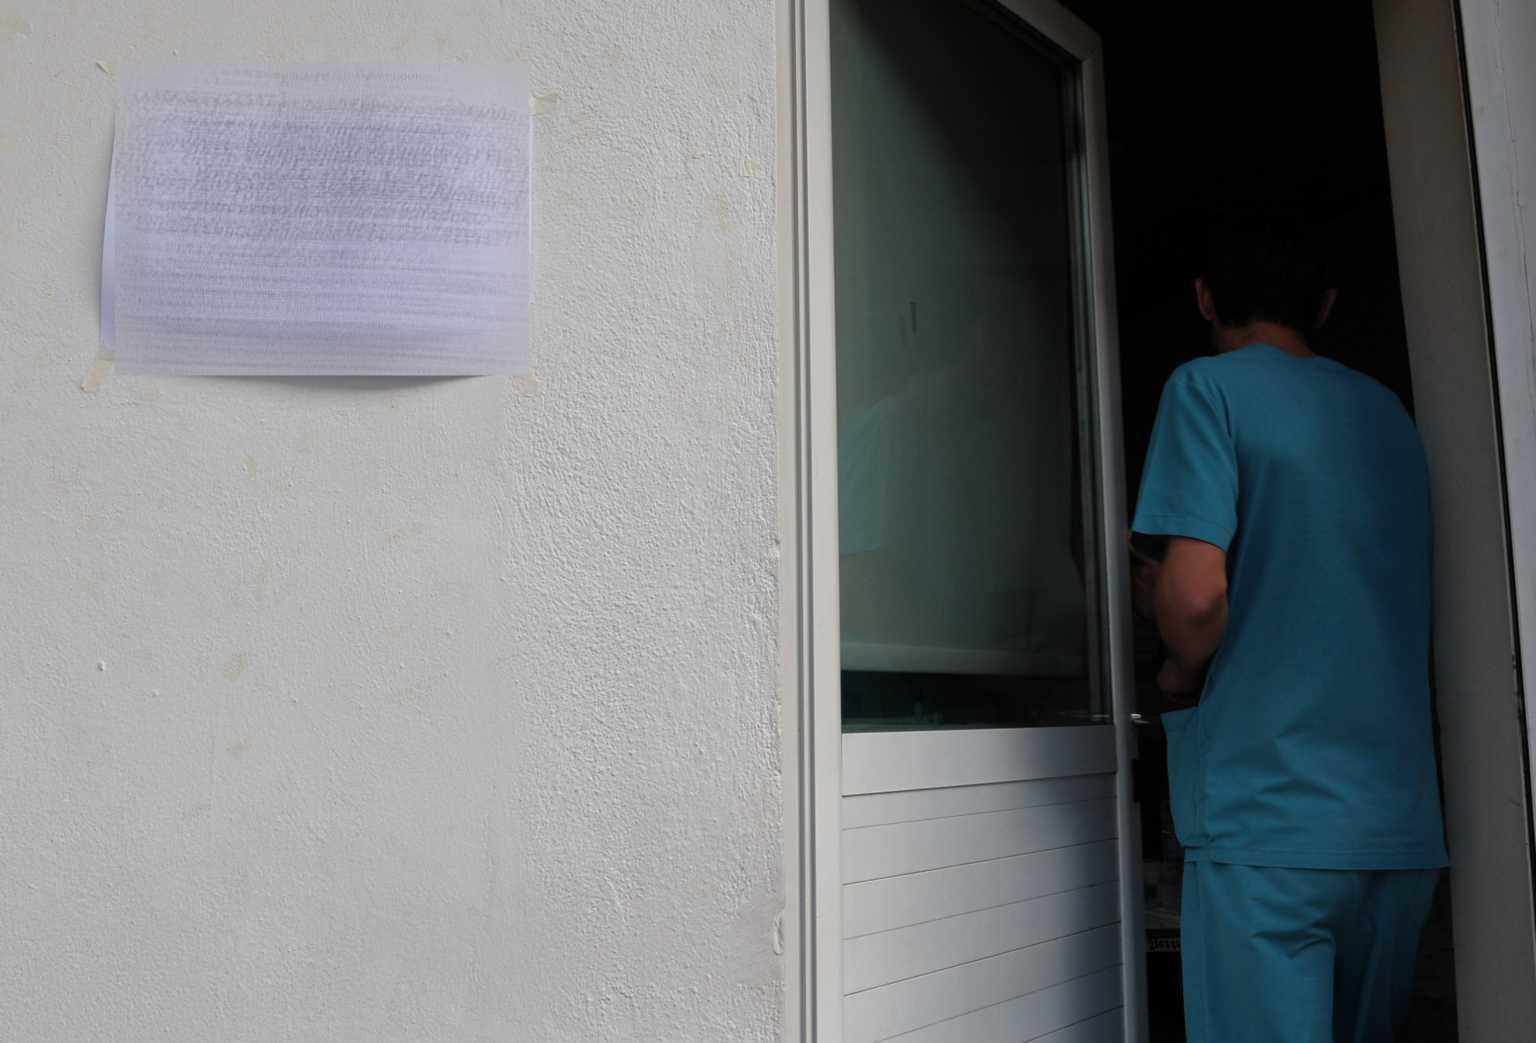 Κορονοϊός – Λινού: Σε ένα μήνα τα κρούσματα θα διπλασιαστούν ή θα τριπλασιαστούν (video)